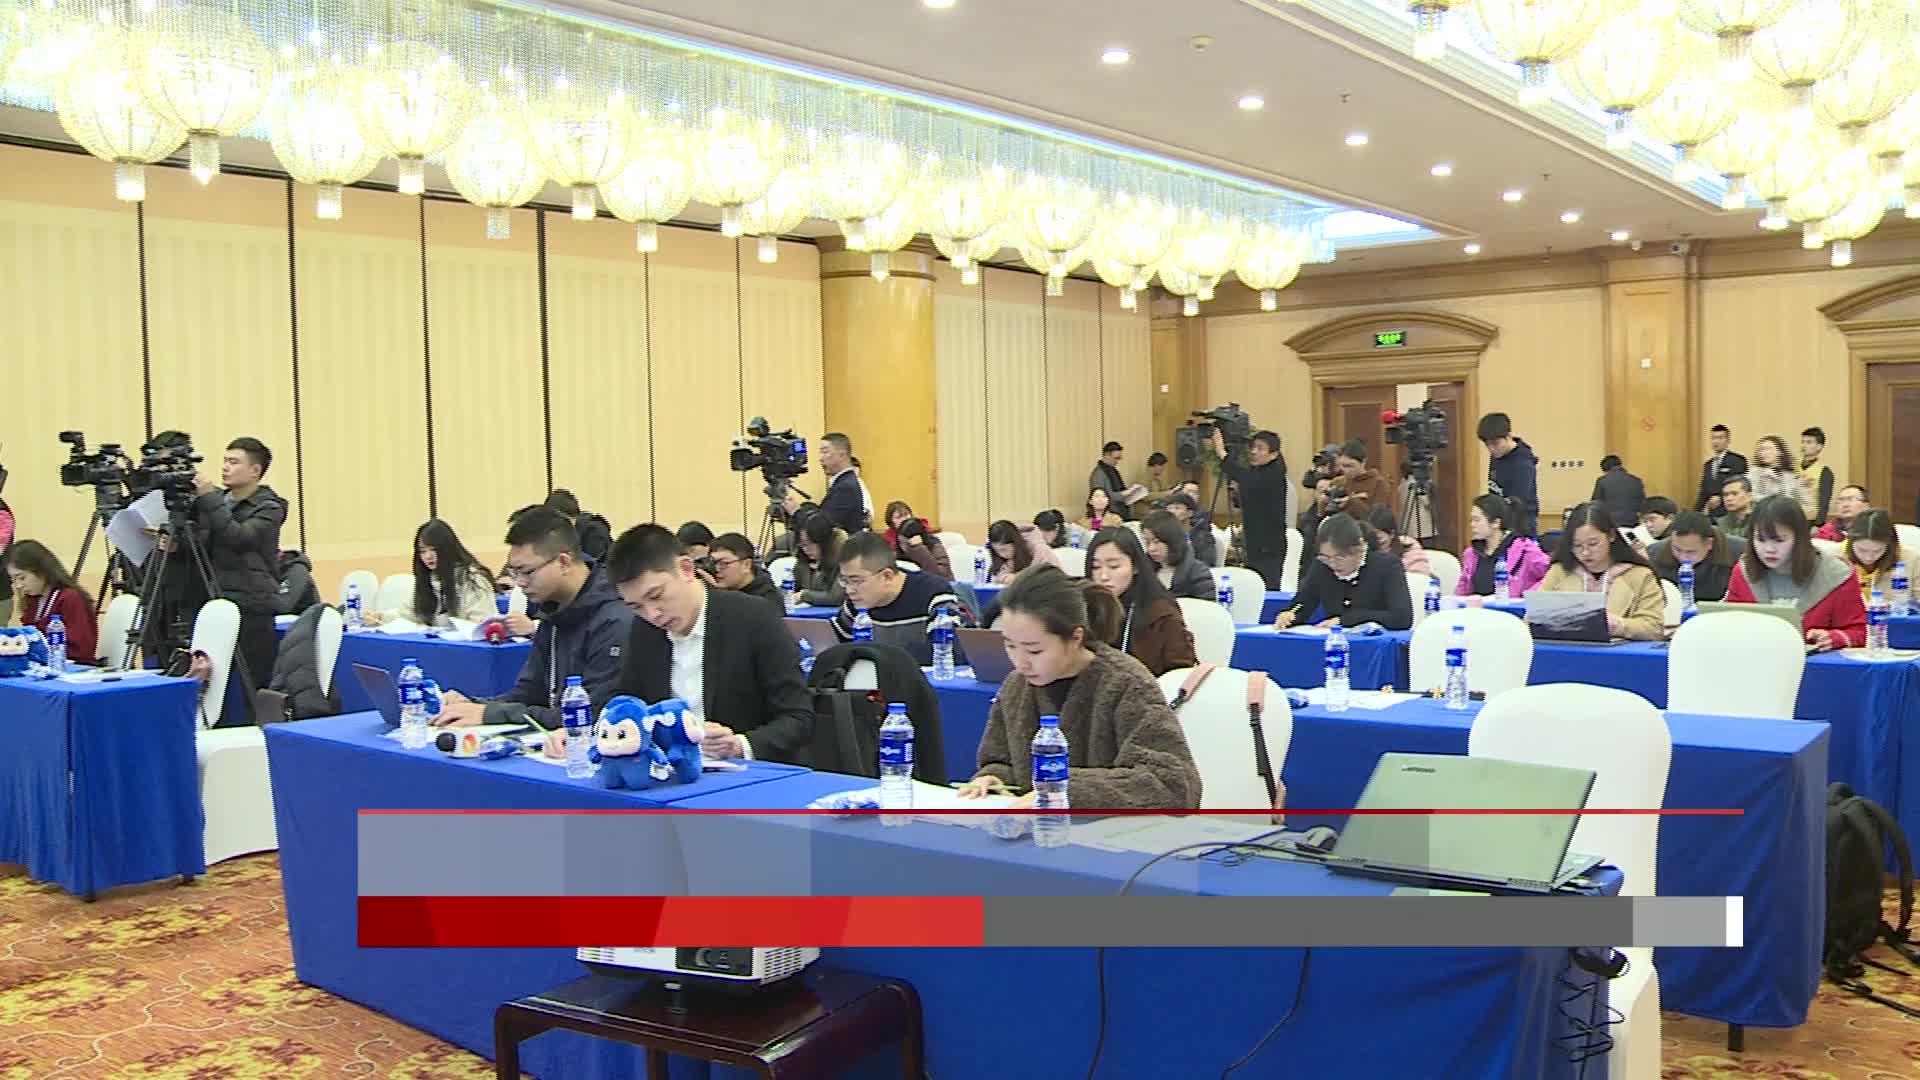 政协湖南省十二届委员会第二次会议将于1月25日召开